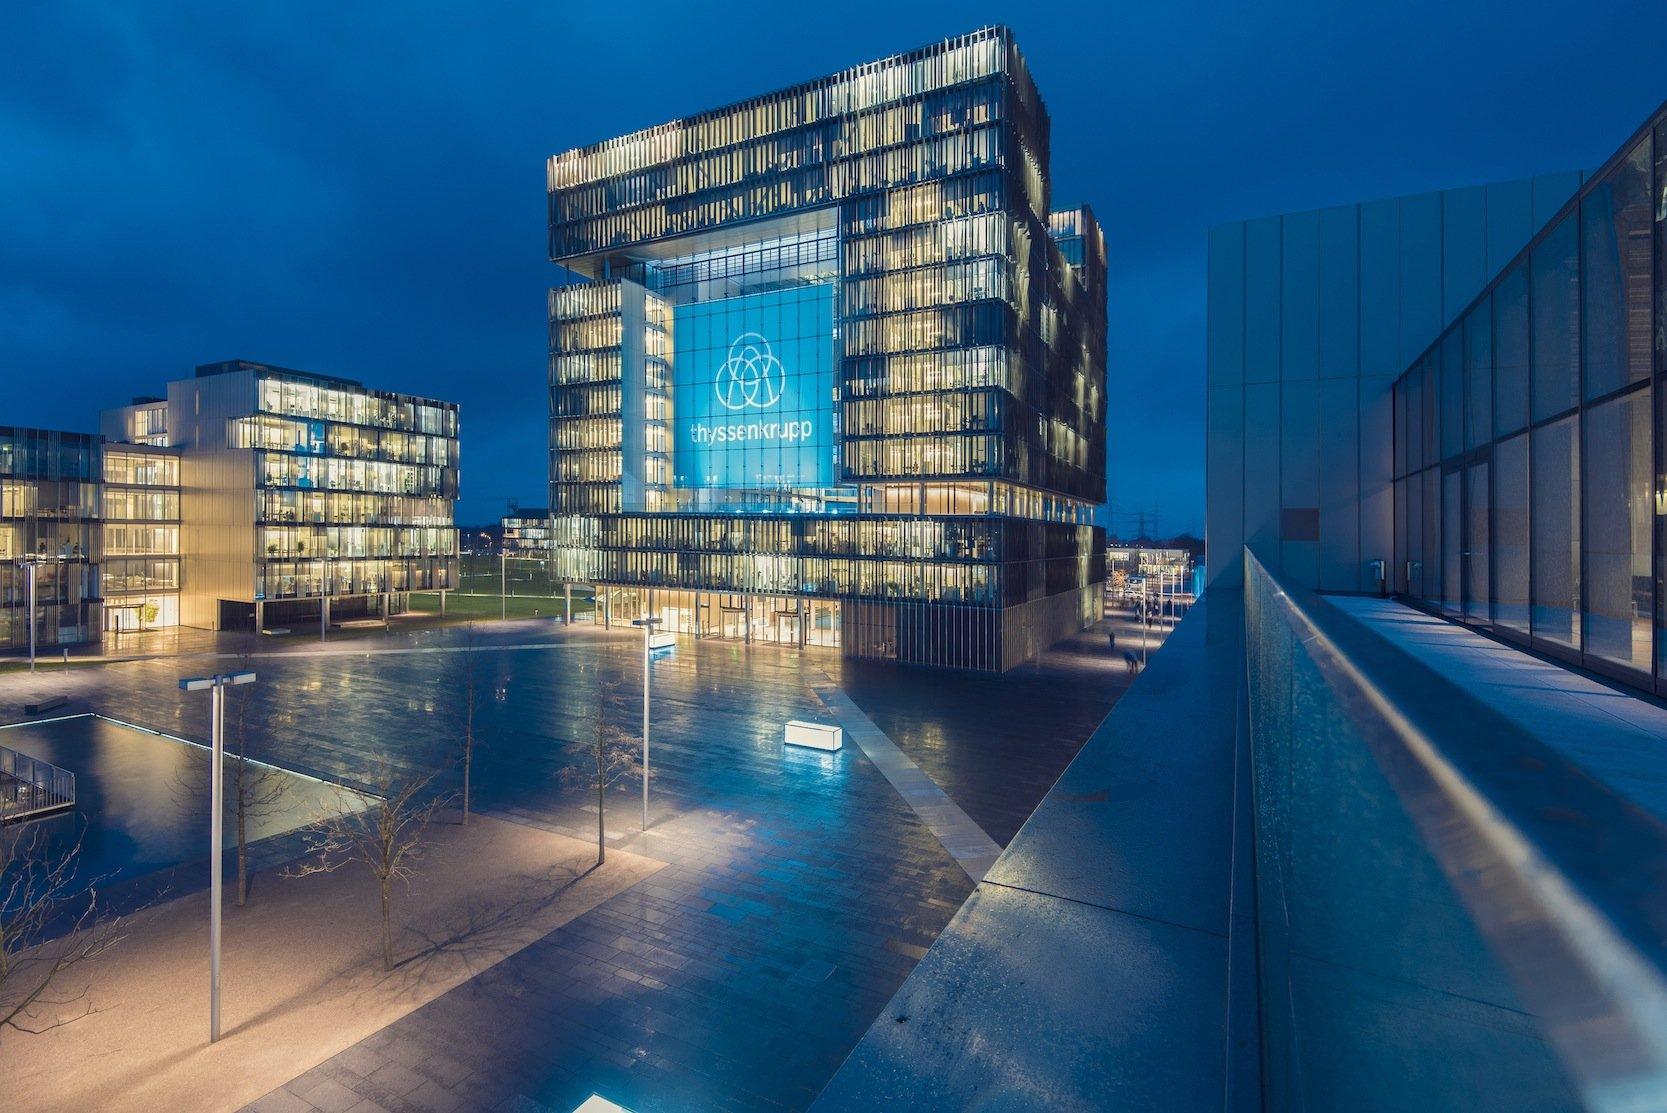 Zentrale von thyssenkrupp in Essen: Seit dem Frühjahr wird der Konzern massiv von Hackern angegriffen, die auch sensible Firmendaten erbeutet haben sollen.